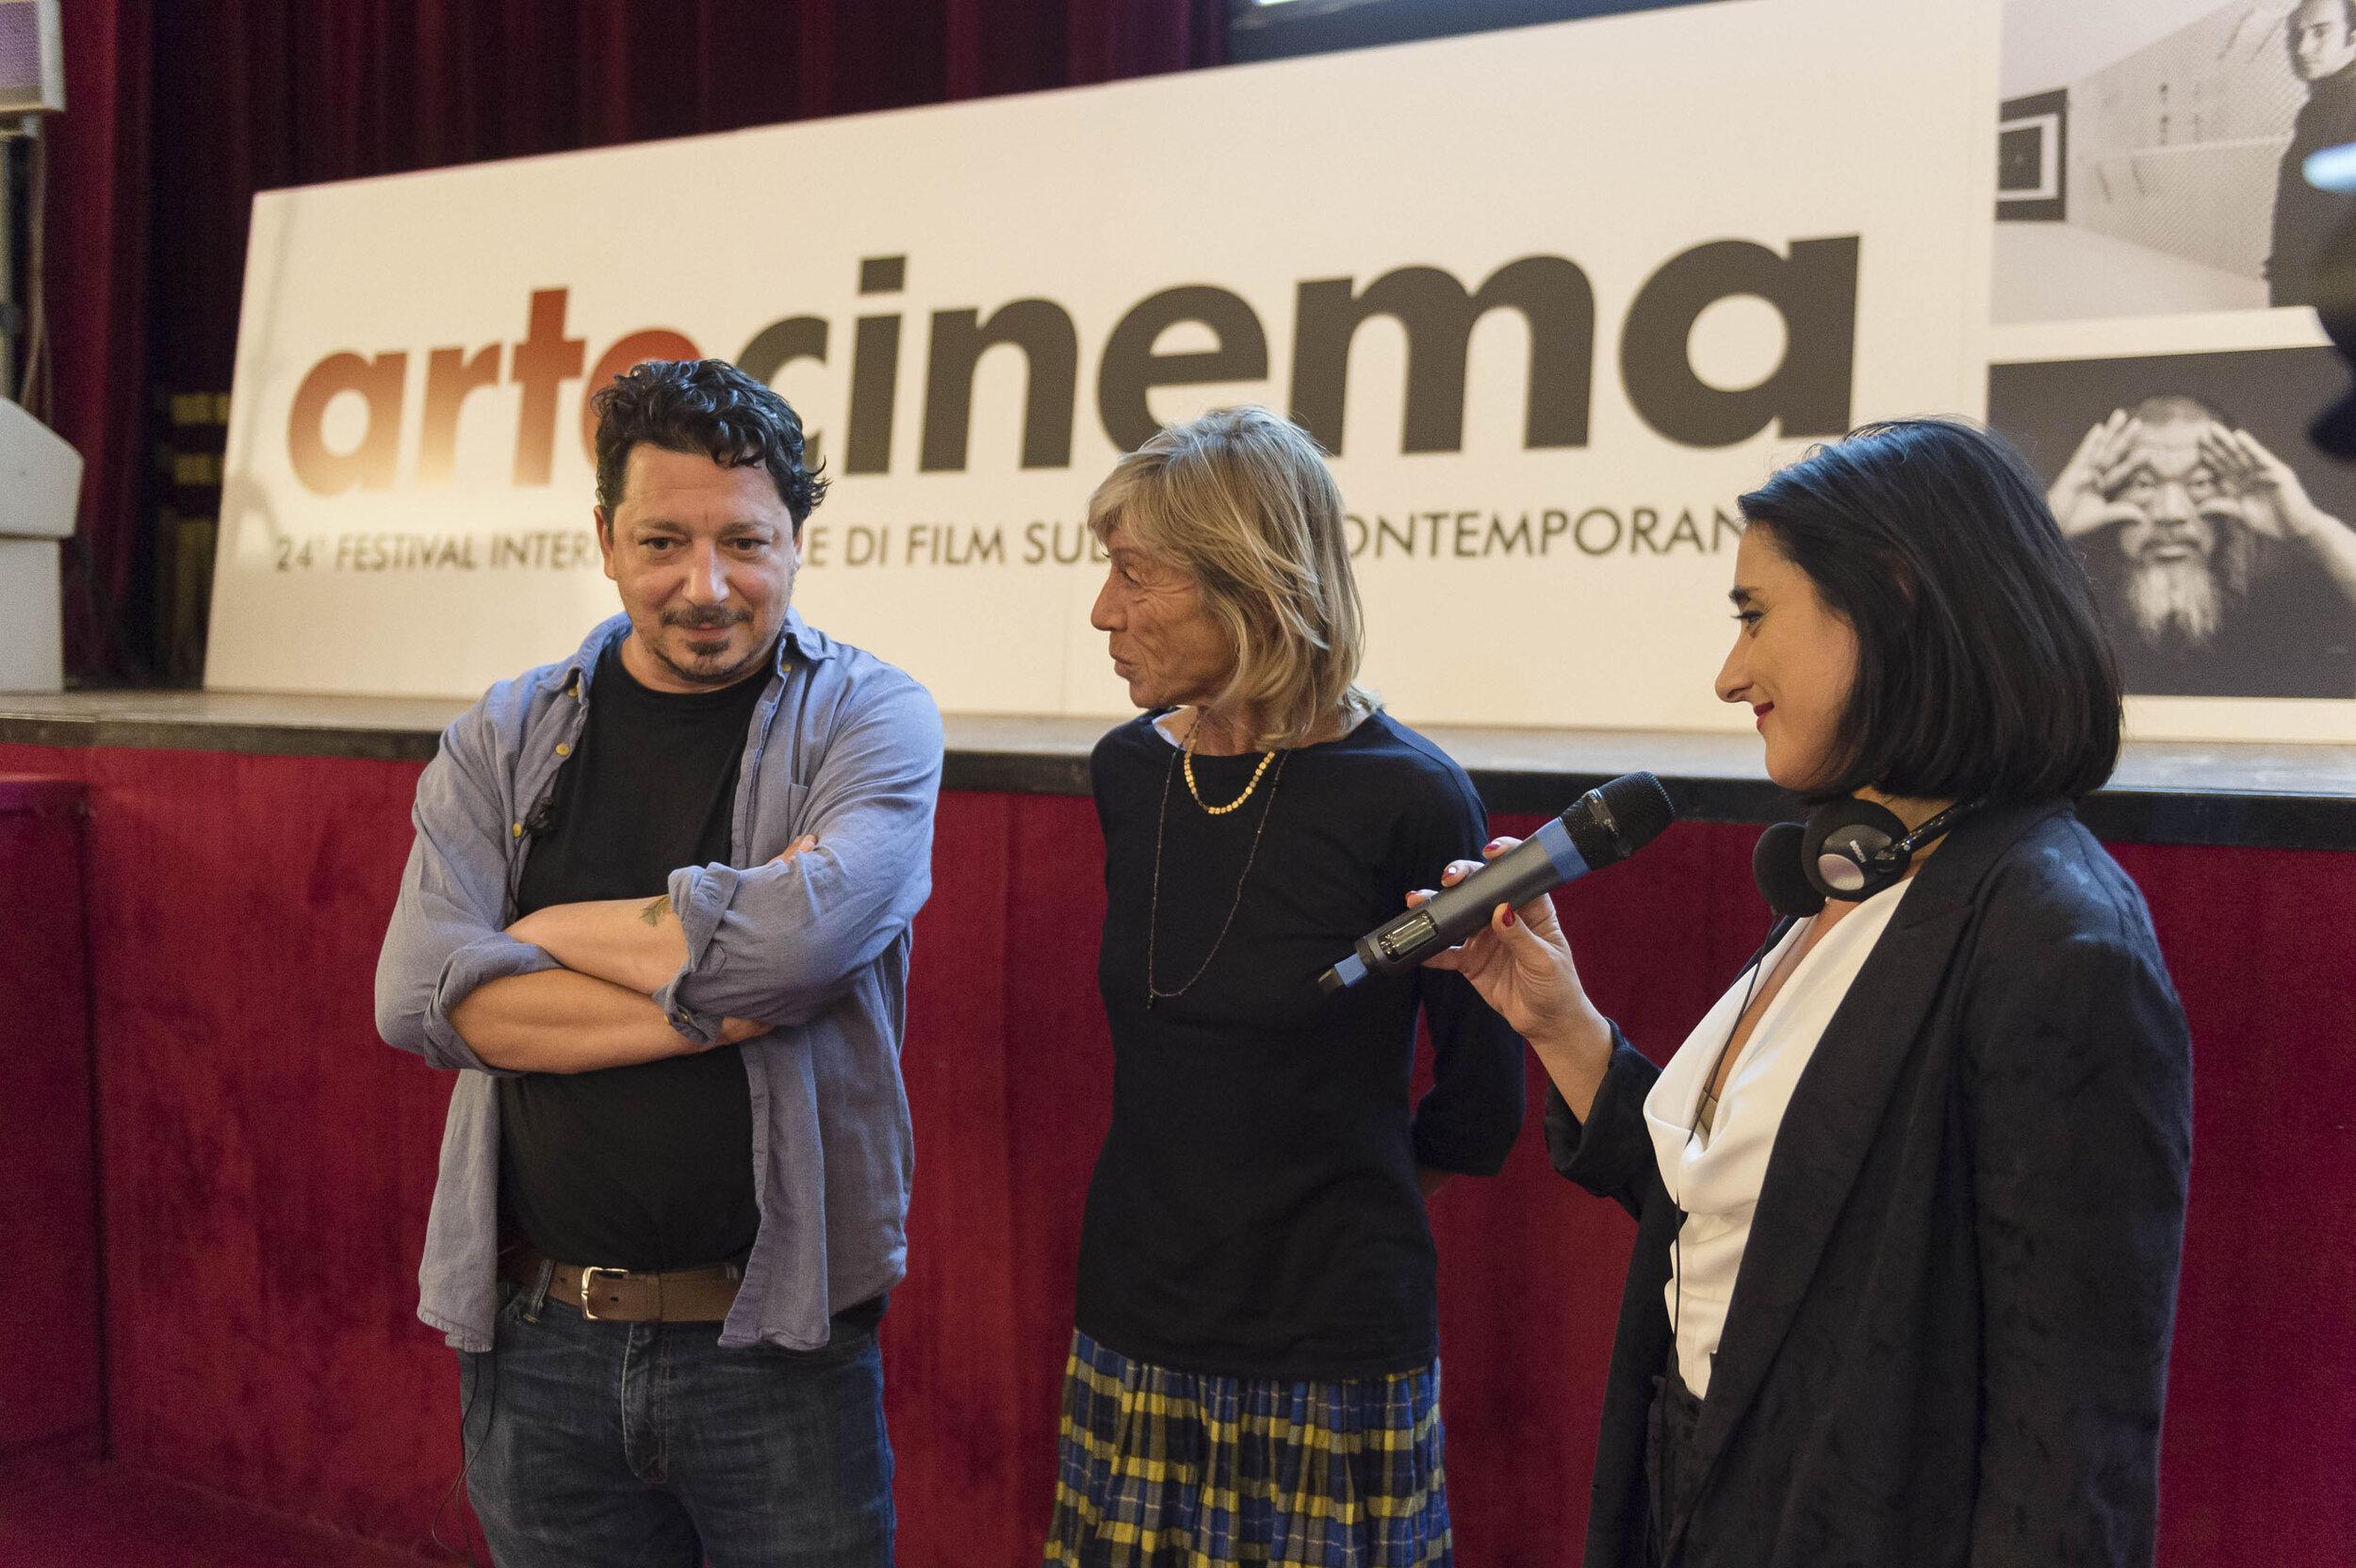 Artecinema 2019_ph Francesco Squeglia_9626.jpg